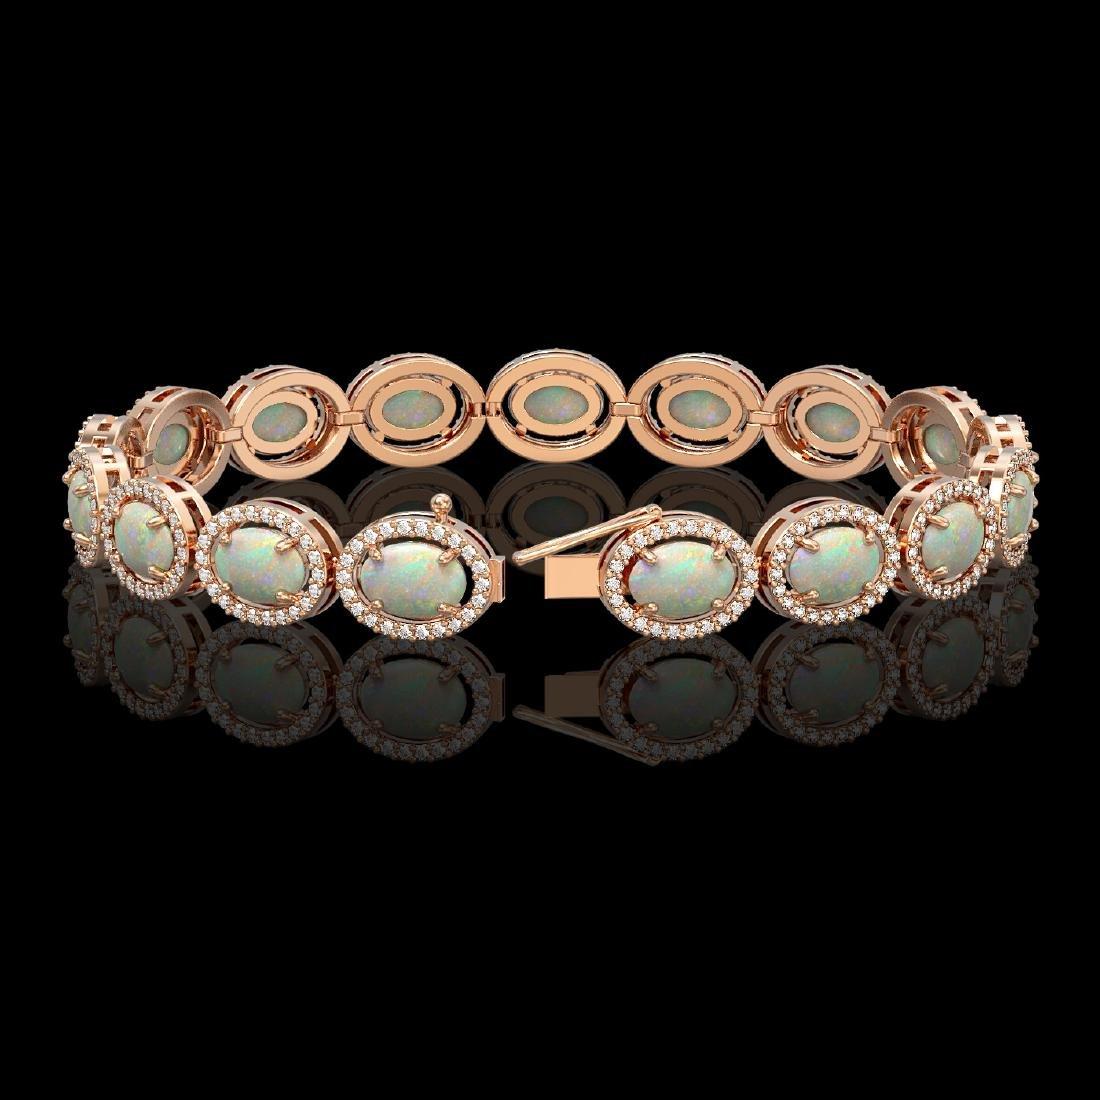 14.24 CTW Opal & Diamond Halo Bracelet 10K Rose Gold - 2